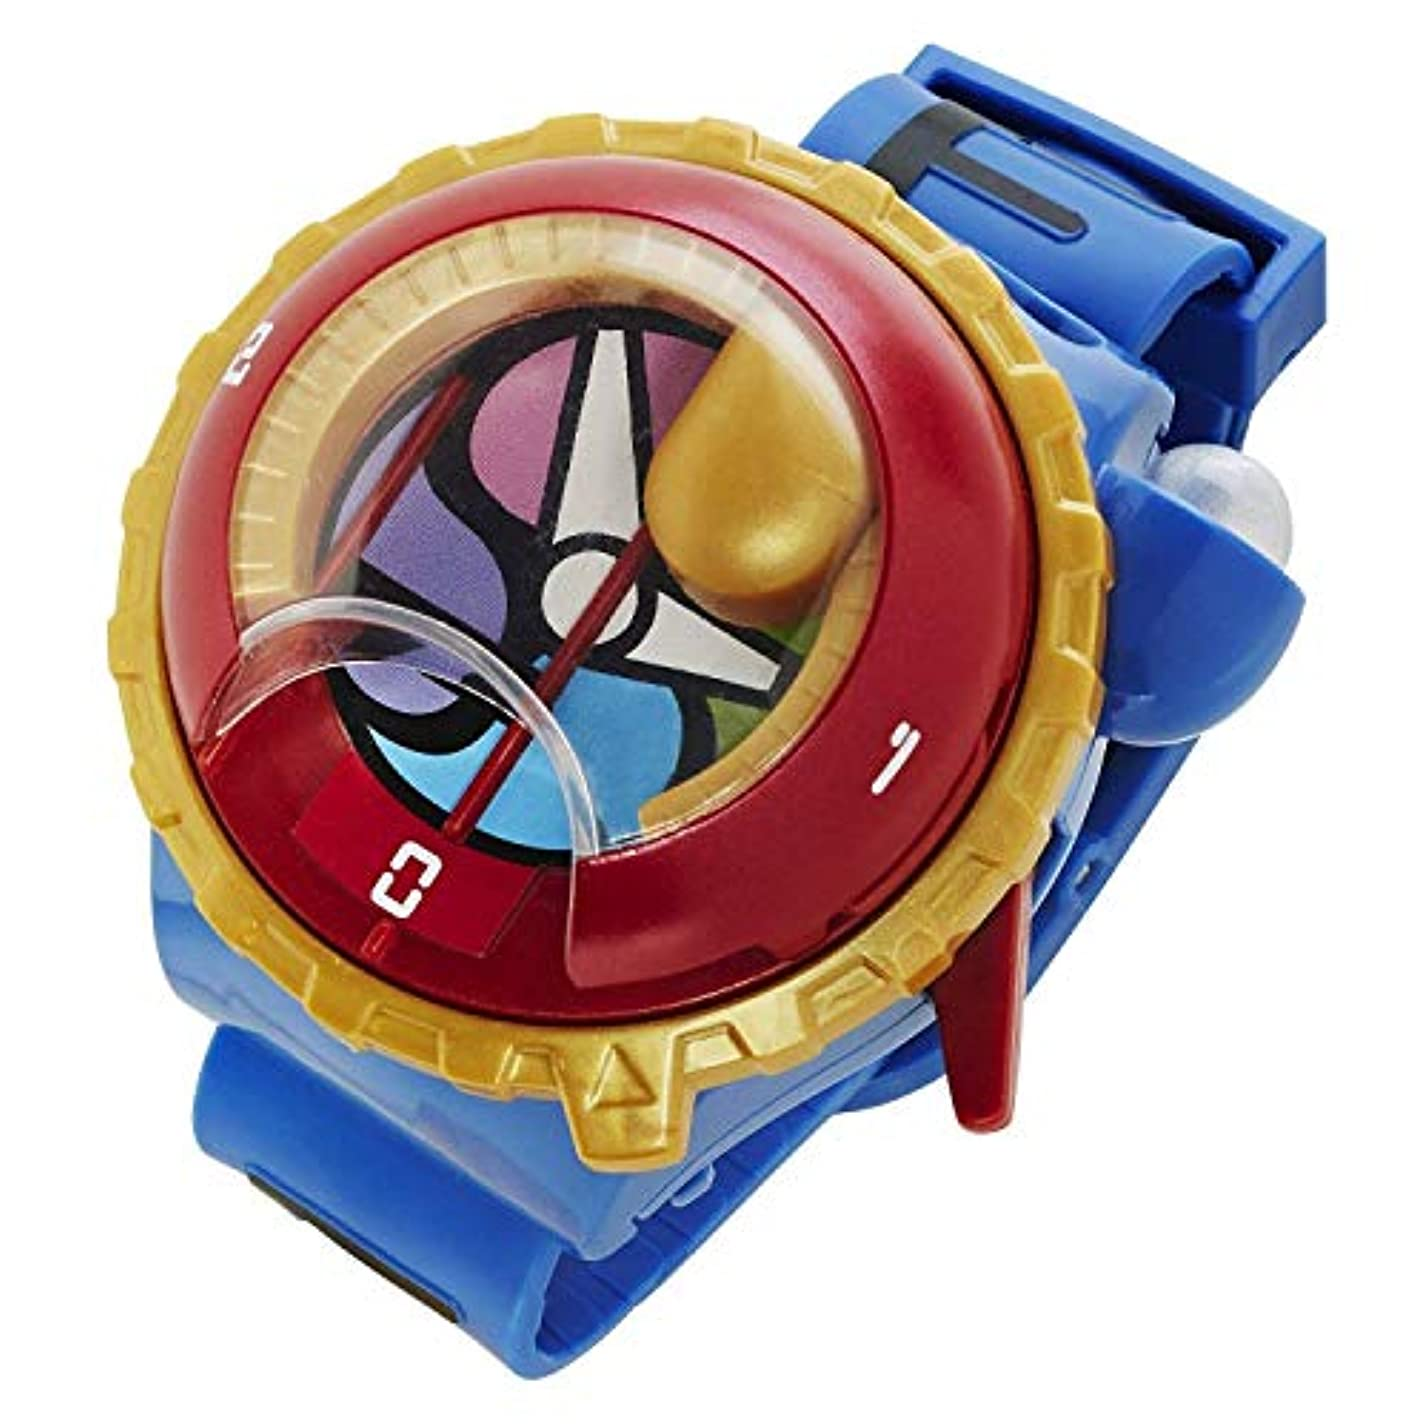 リズミカルなりんご音楽を聴くYokai 時計モデルゼロ2パック